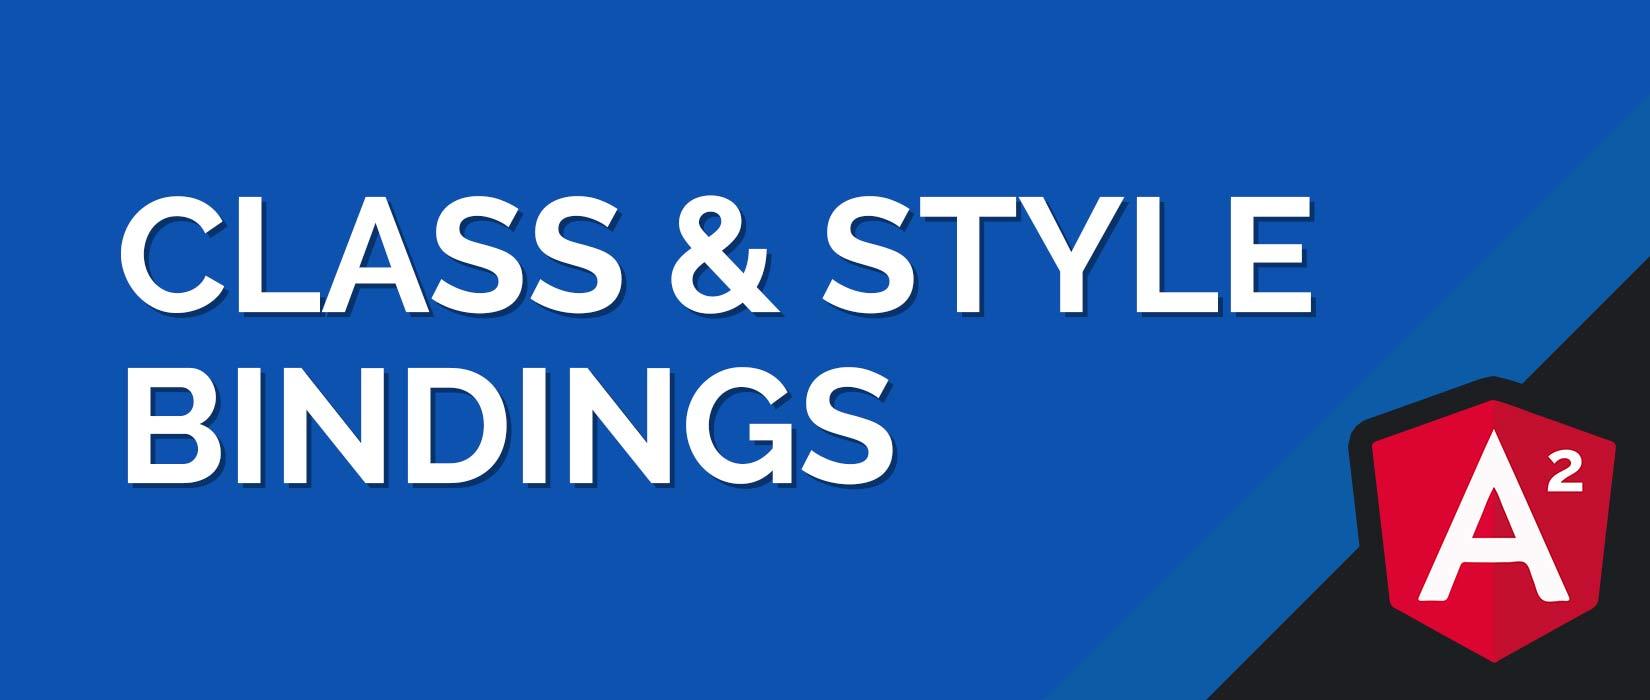 Angular 2 Class & Style Binding Tutorial